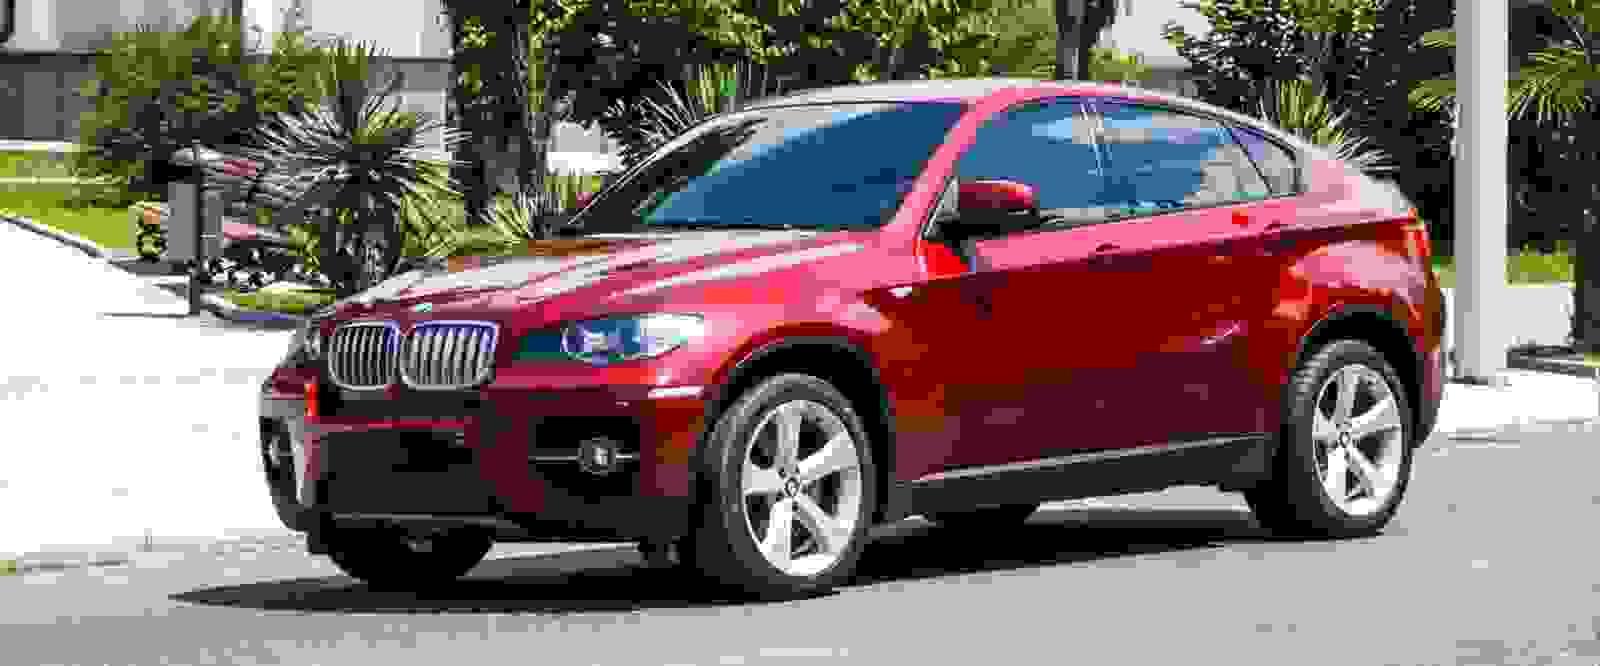 BMW X6 Gebrauchtwagen online kaufen Slider 3